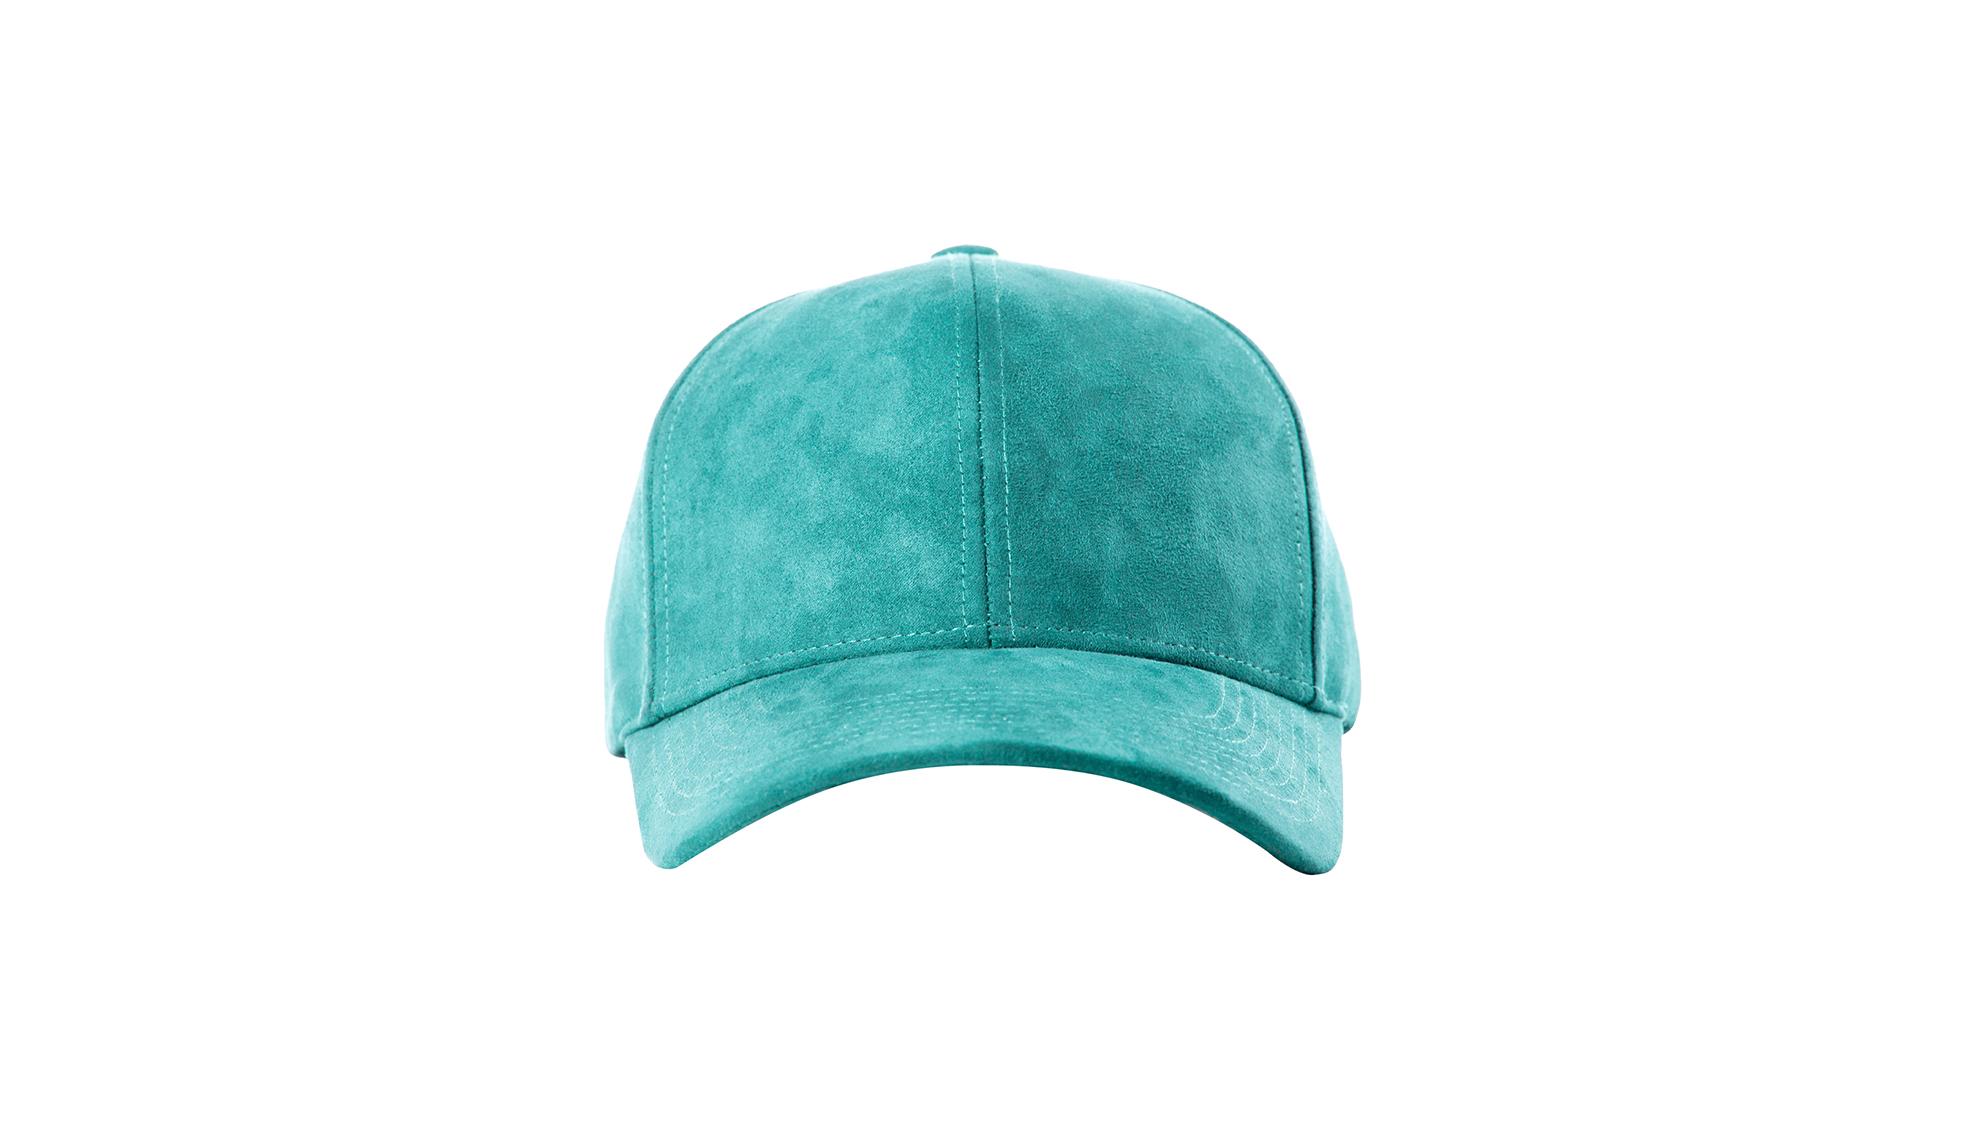 48c96ef1dd8cff DSLINE BASEBALL CAP TURQUOISE SUEDE   GOLD - DSLINE BASICS